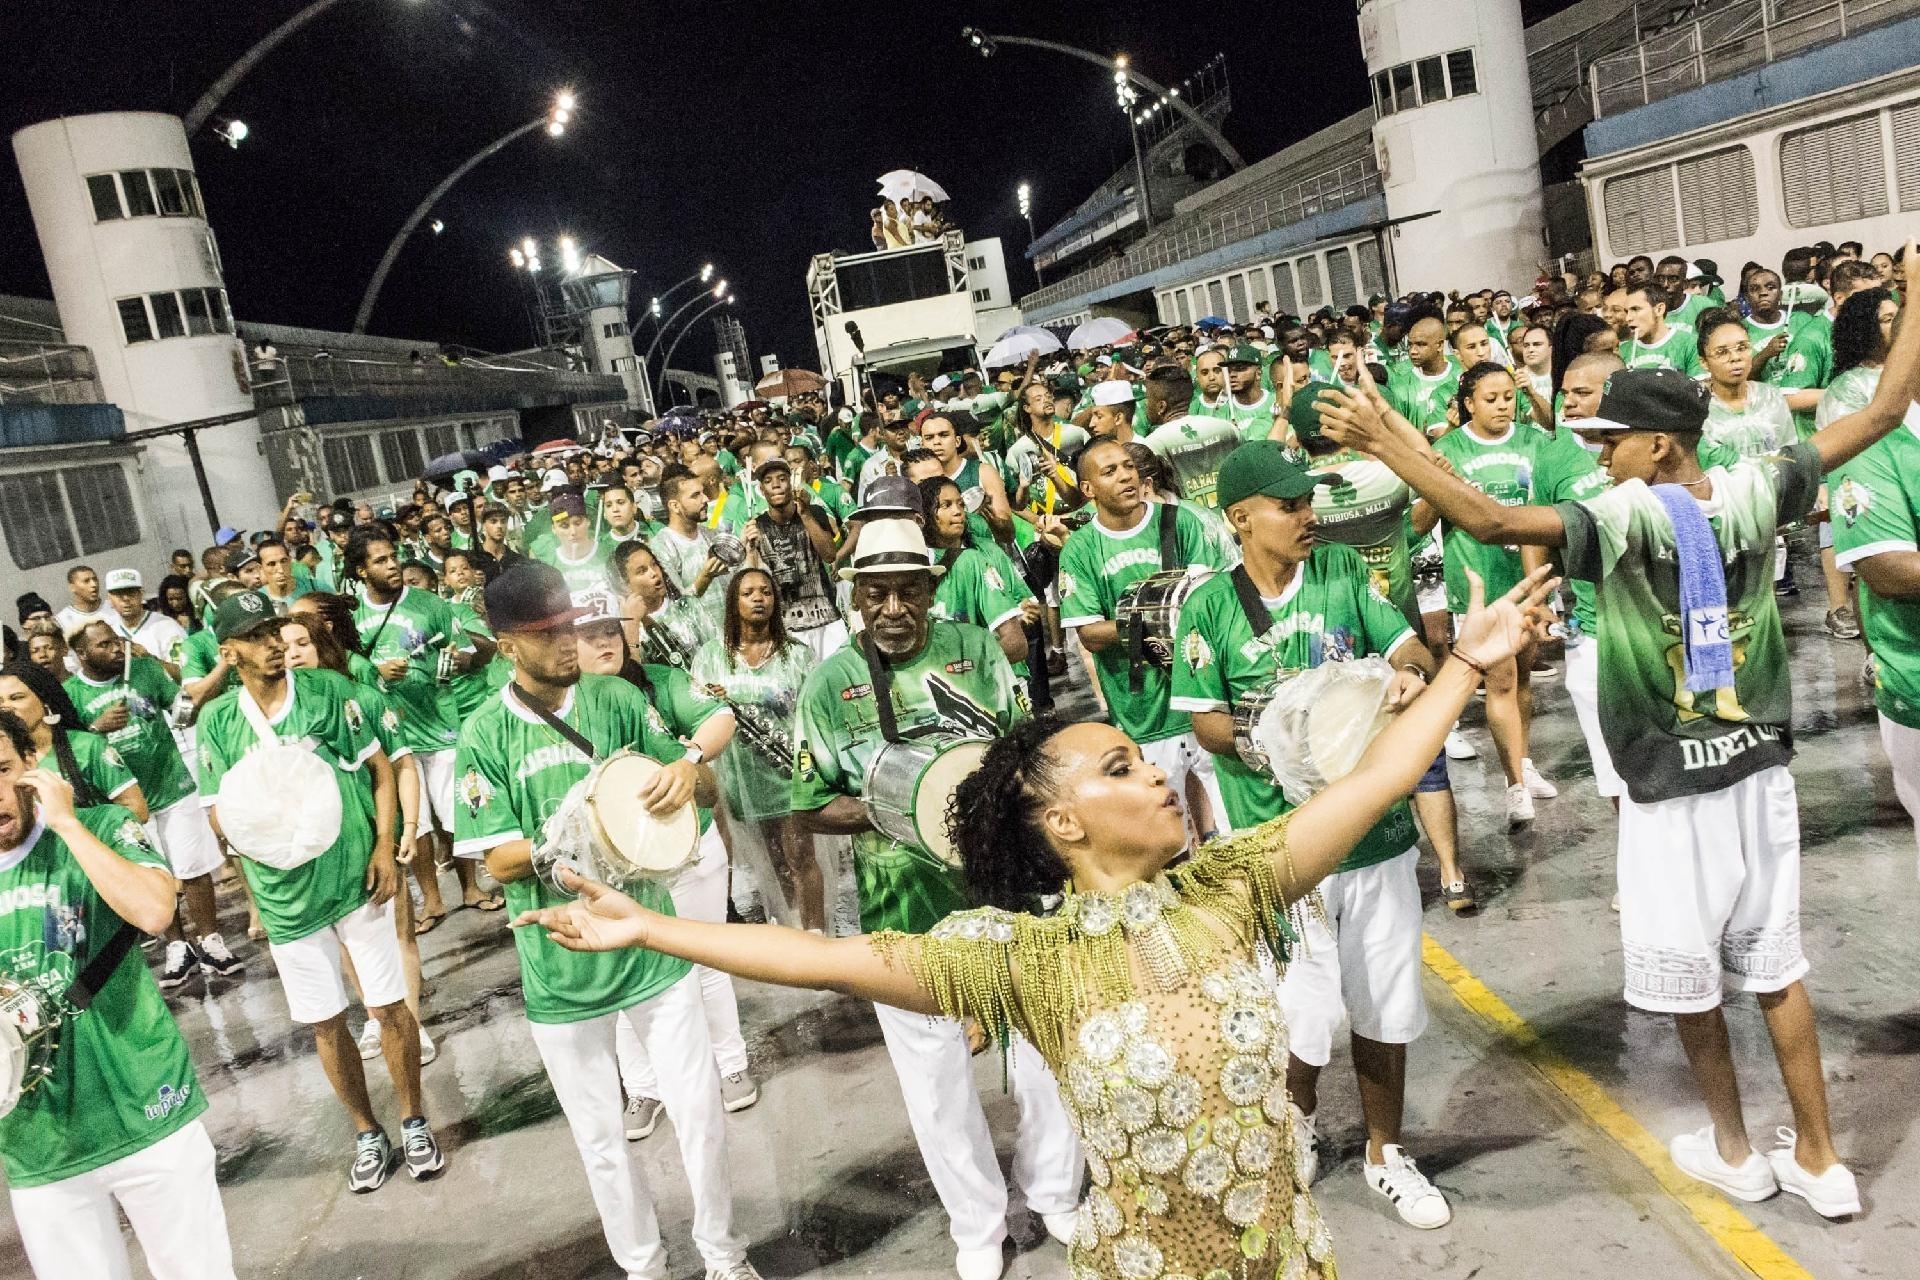 Escolas de SP far£o ensaios técnicos antes do Carnaval veja datas 18 12 2017 UOL Entretenimento